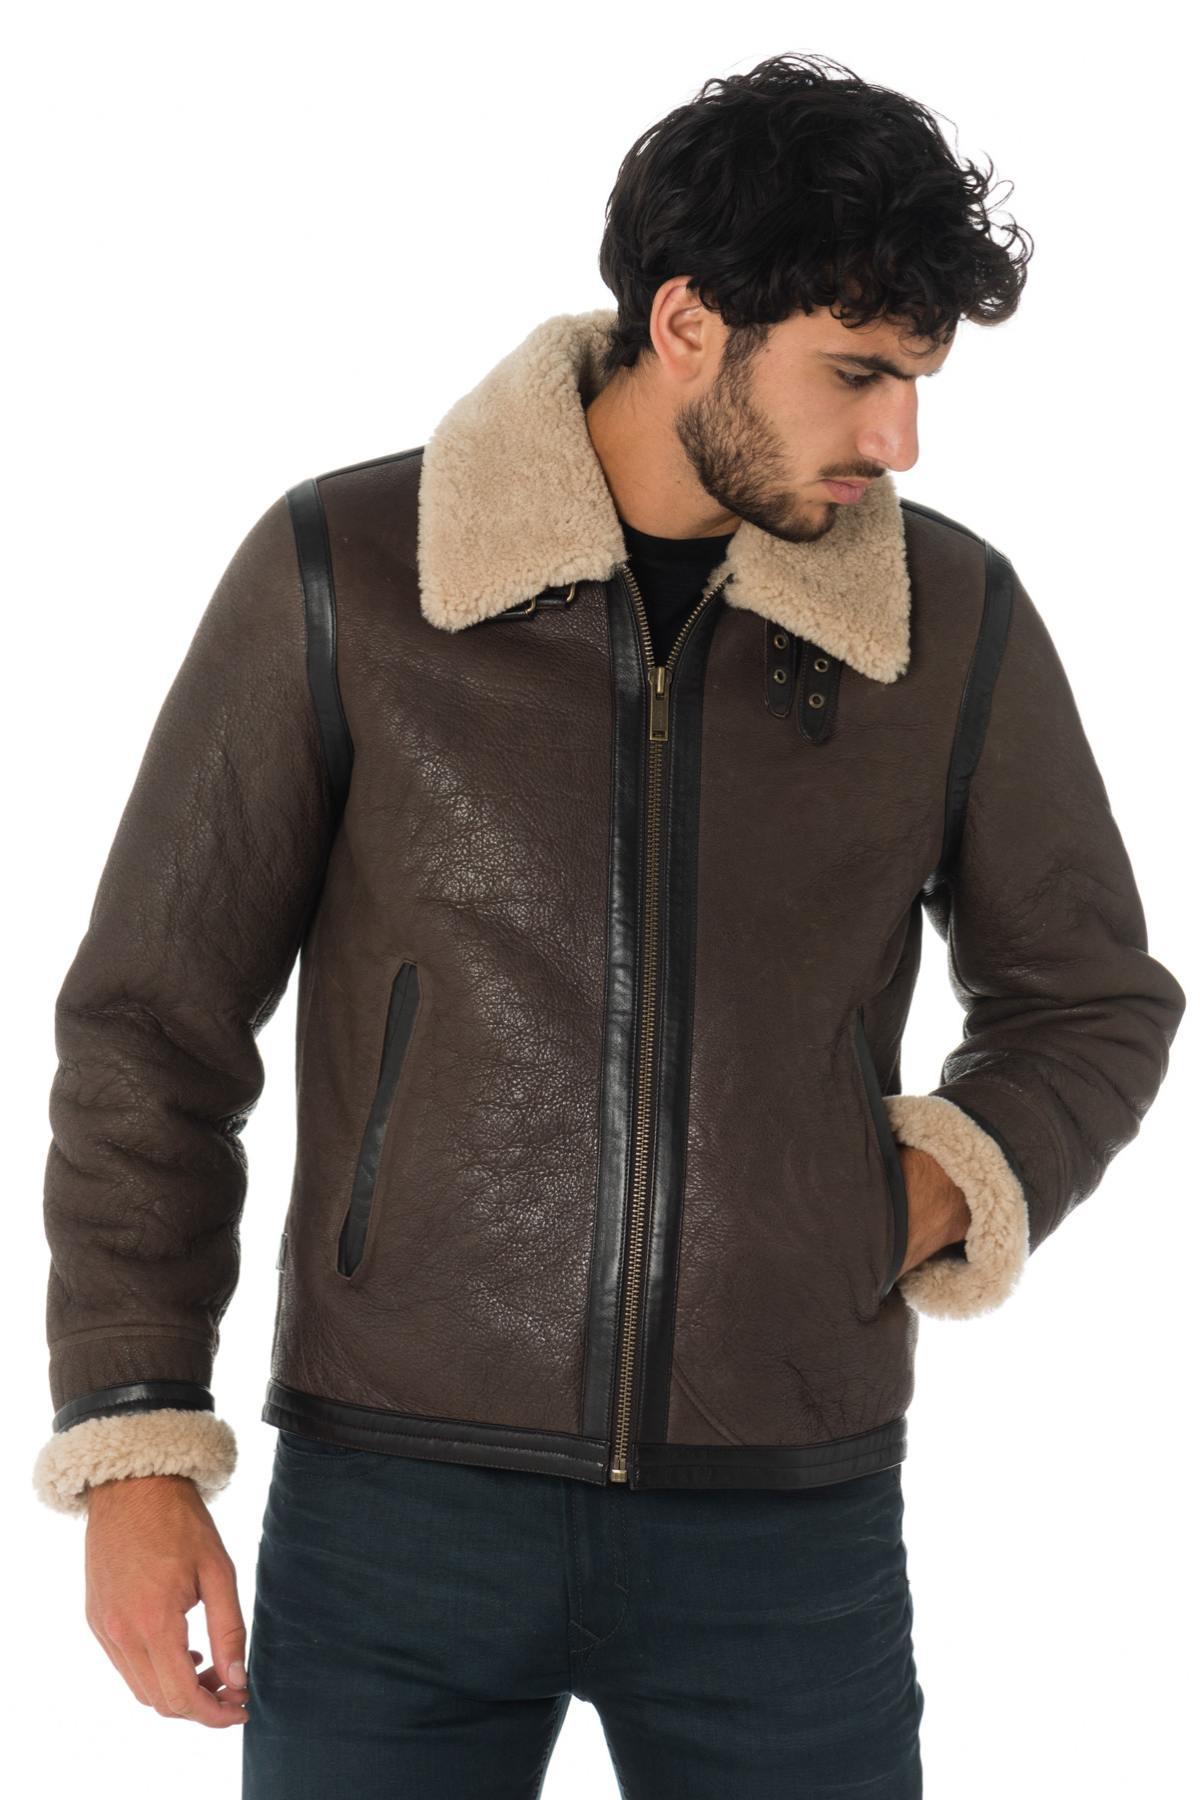 magasin en ligne dernier style beau Blouson Homme Chevignon BOMB CACAO - Cuir-city.com – spécialiste du cuir